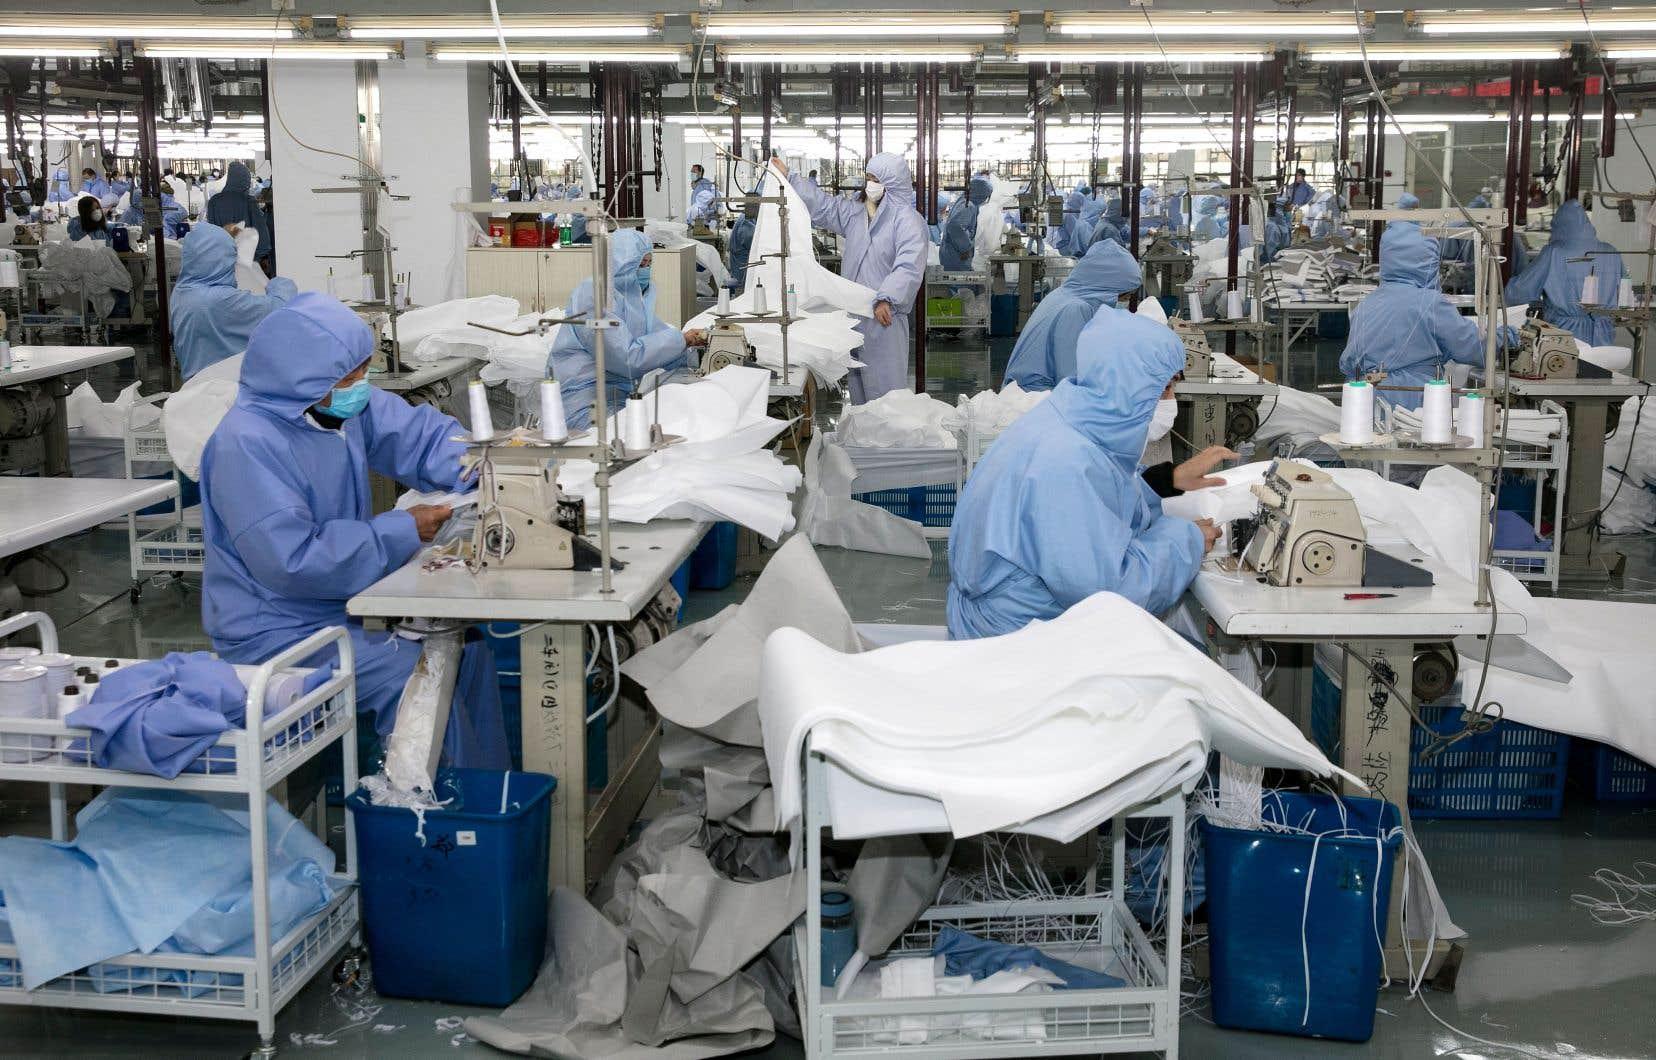 Une manufacture de vêtements sport, située dans une province de l'est de la Chine, produit dorénavant des combinaisons de protection sanitaire pour pallier la pénurie.